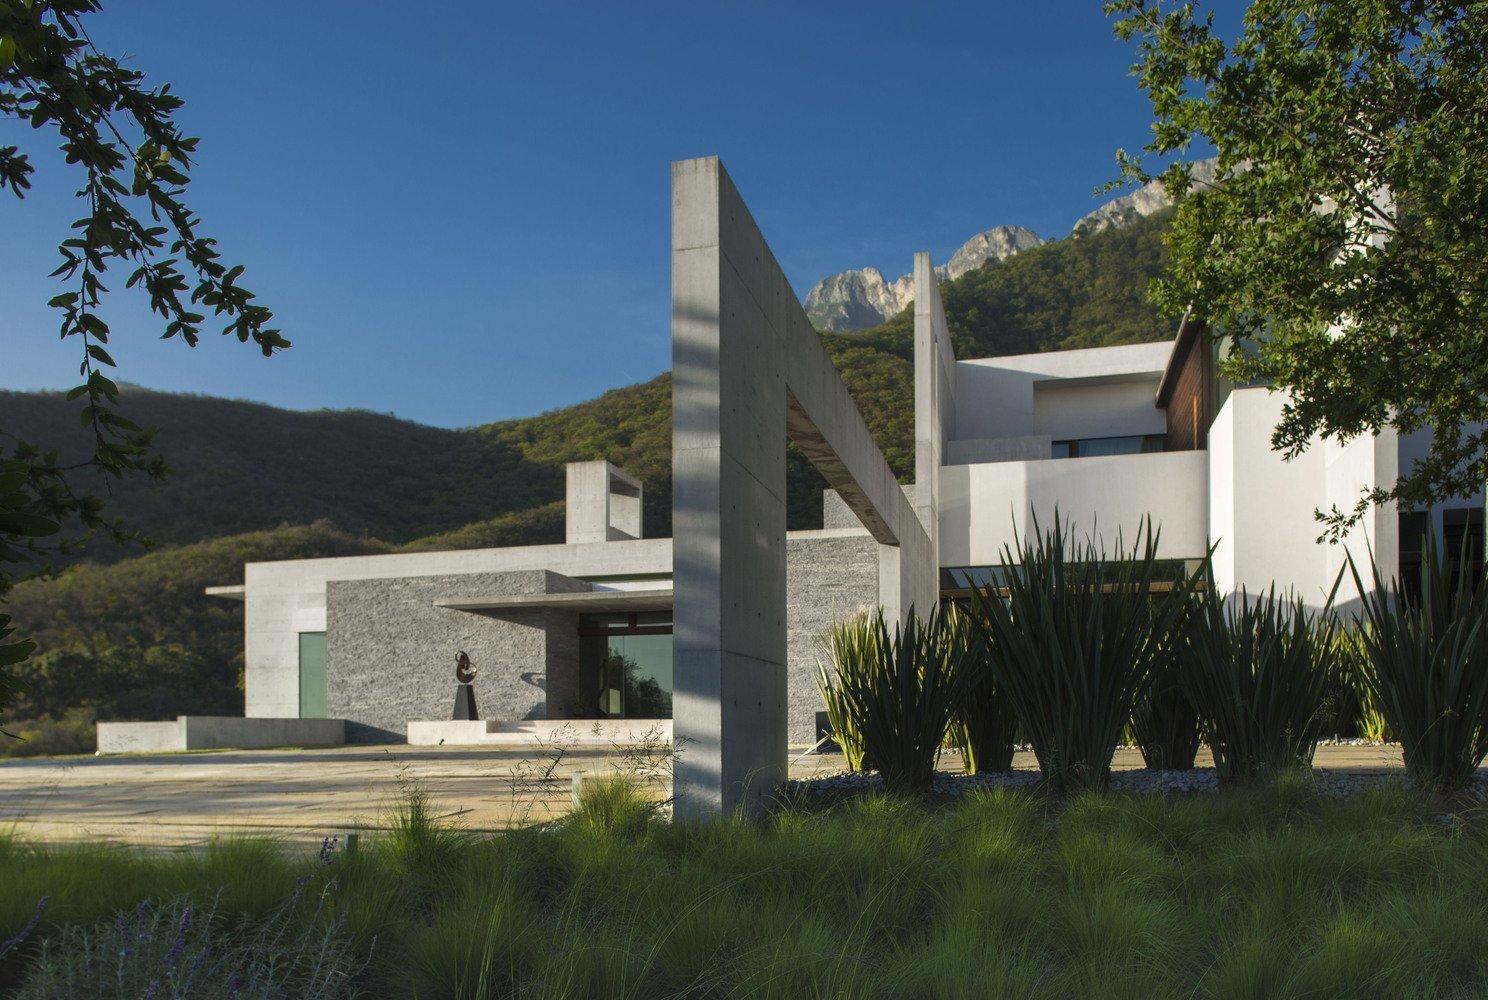 農村別墅庭院應該如何設計?